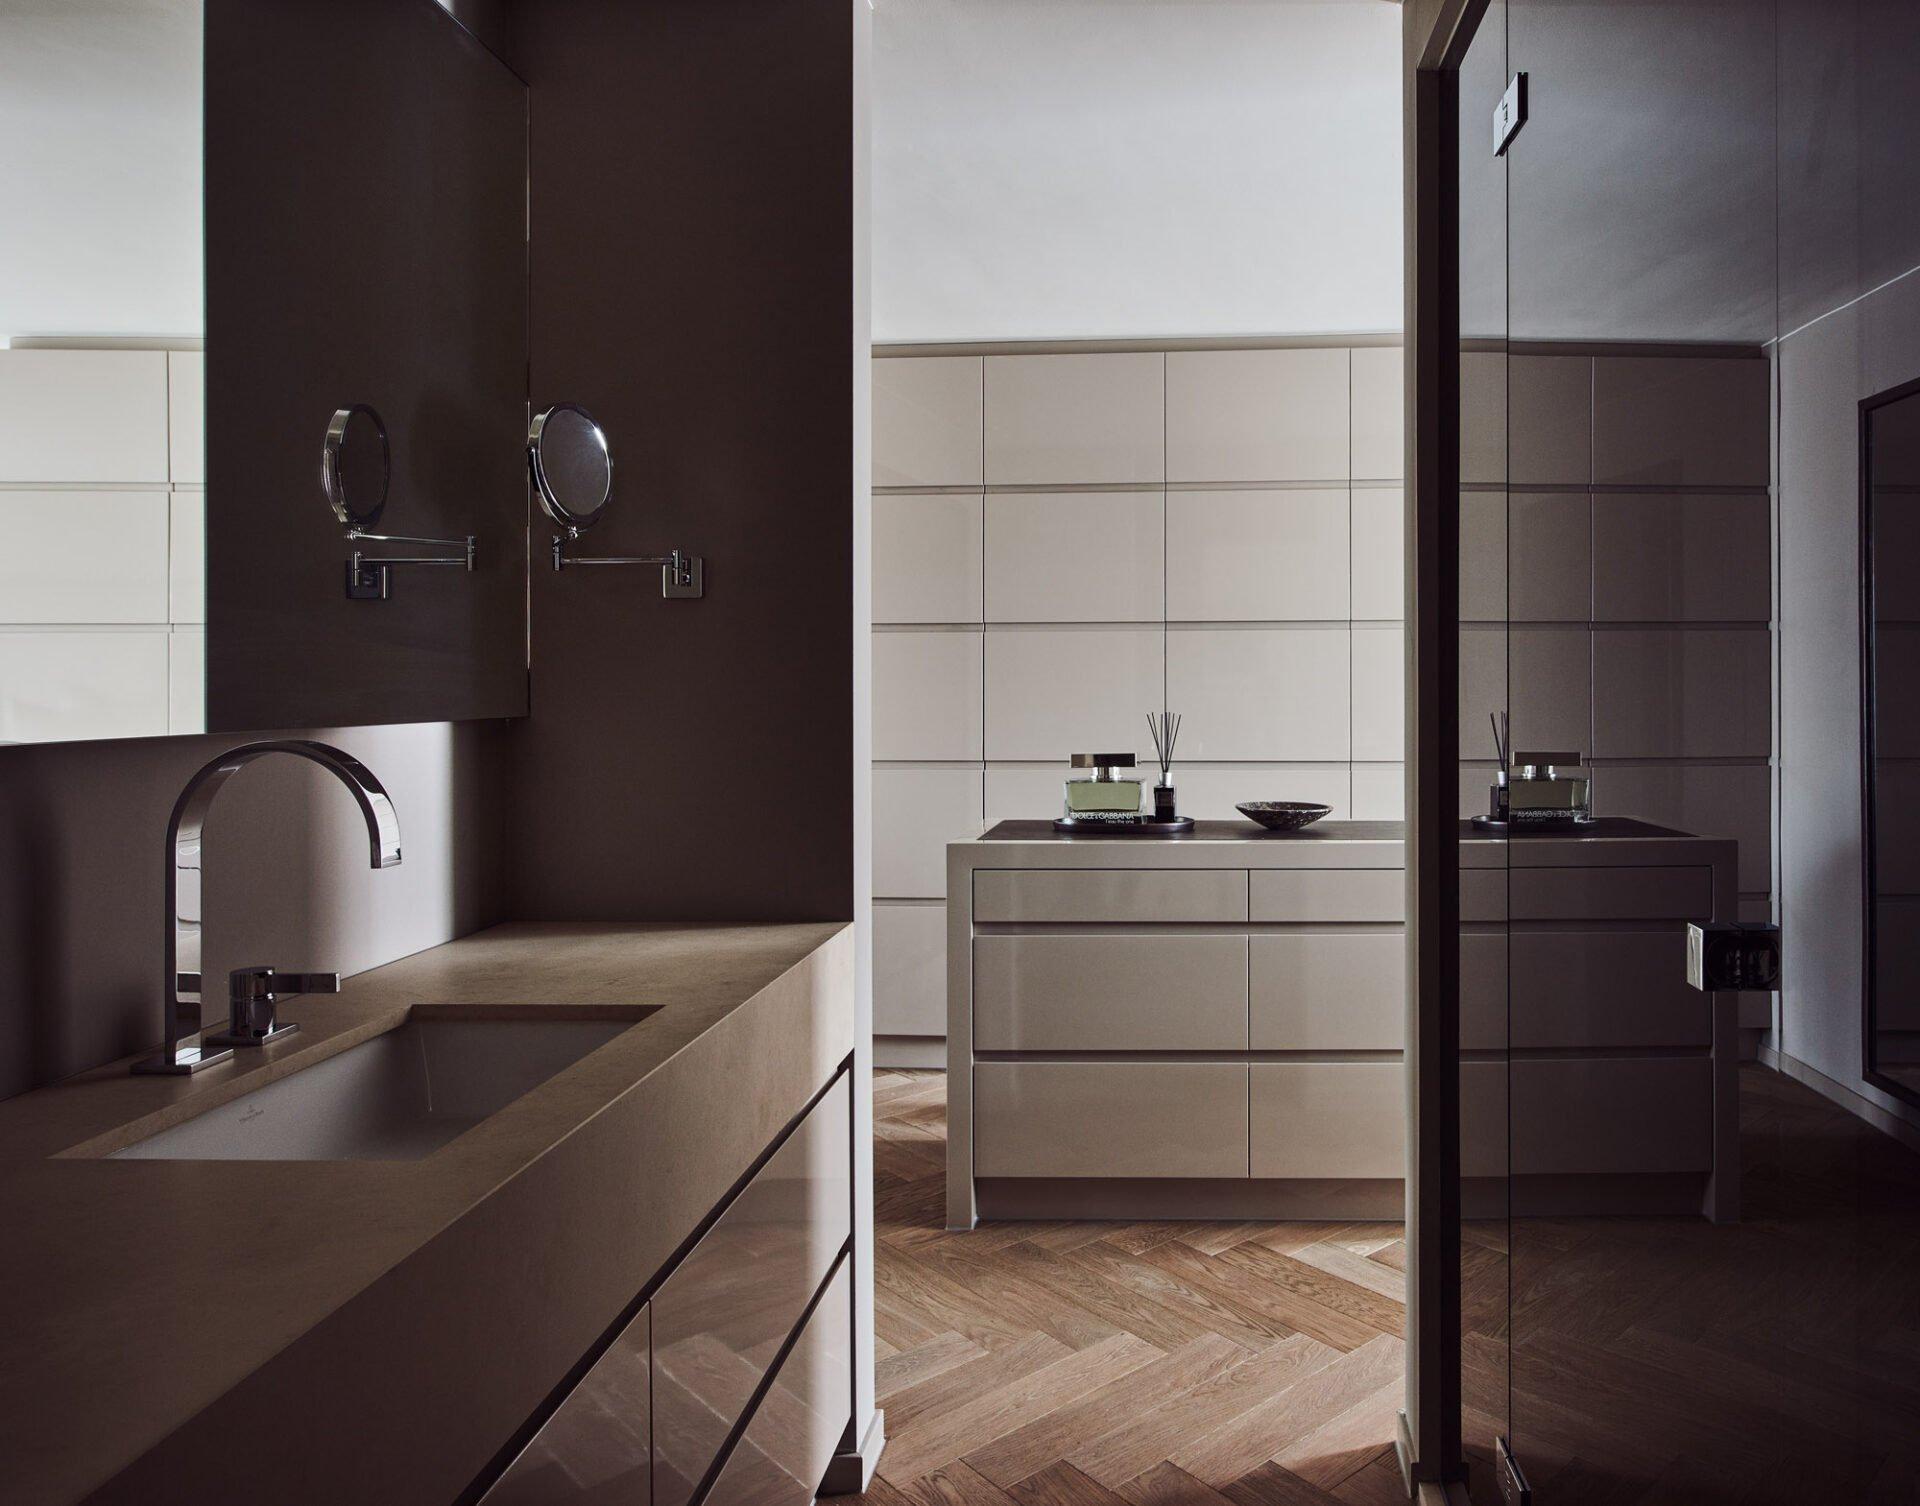 interior design beige brown bathroom luxury details